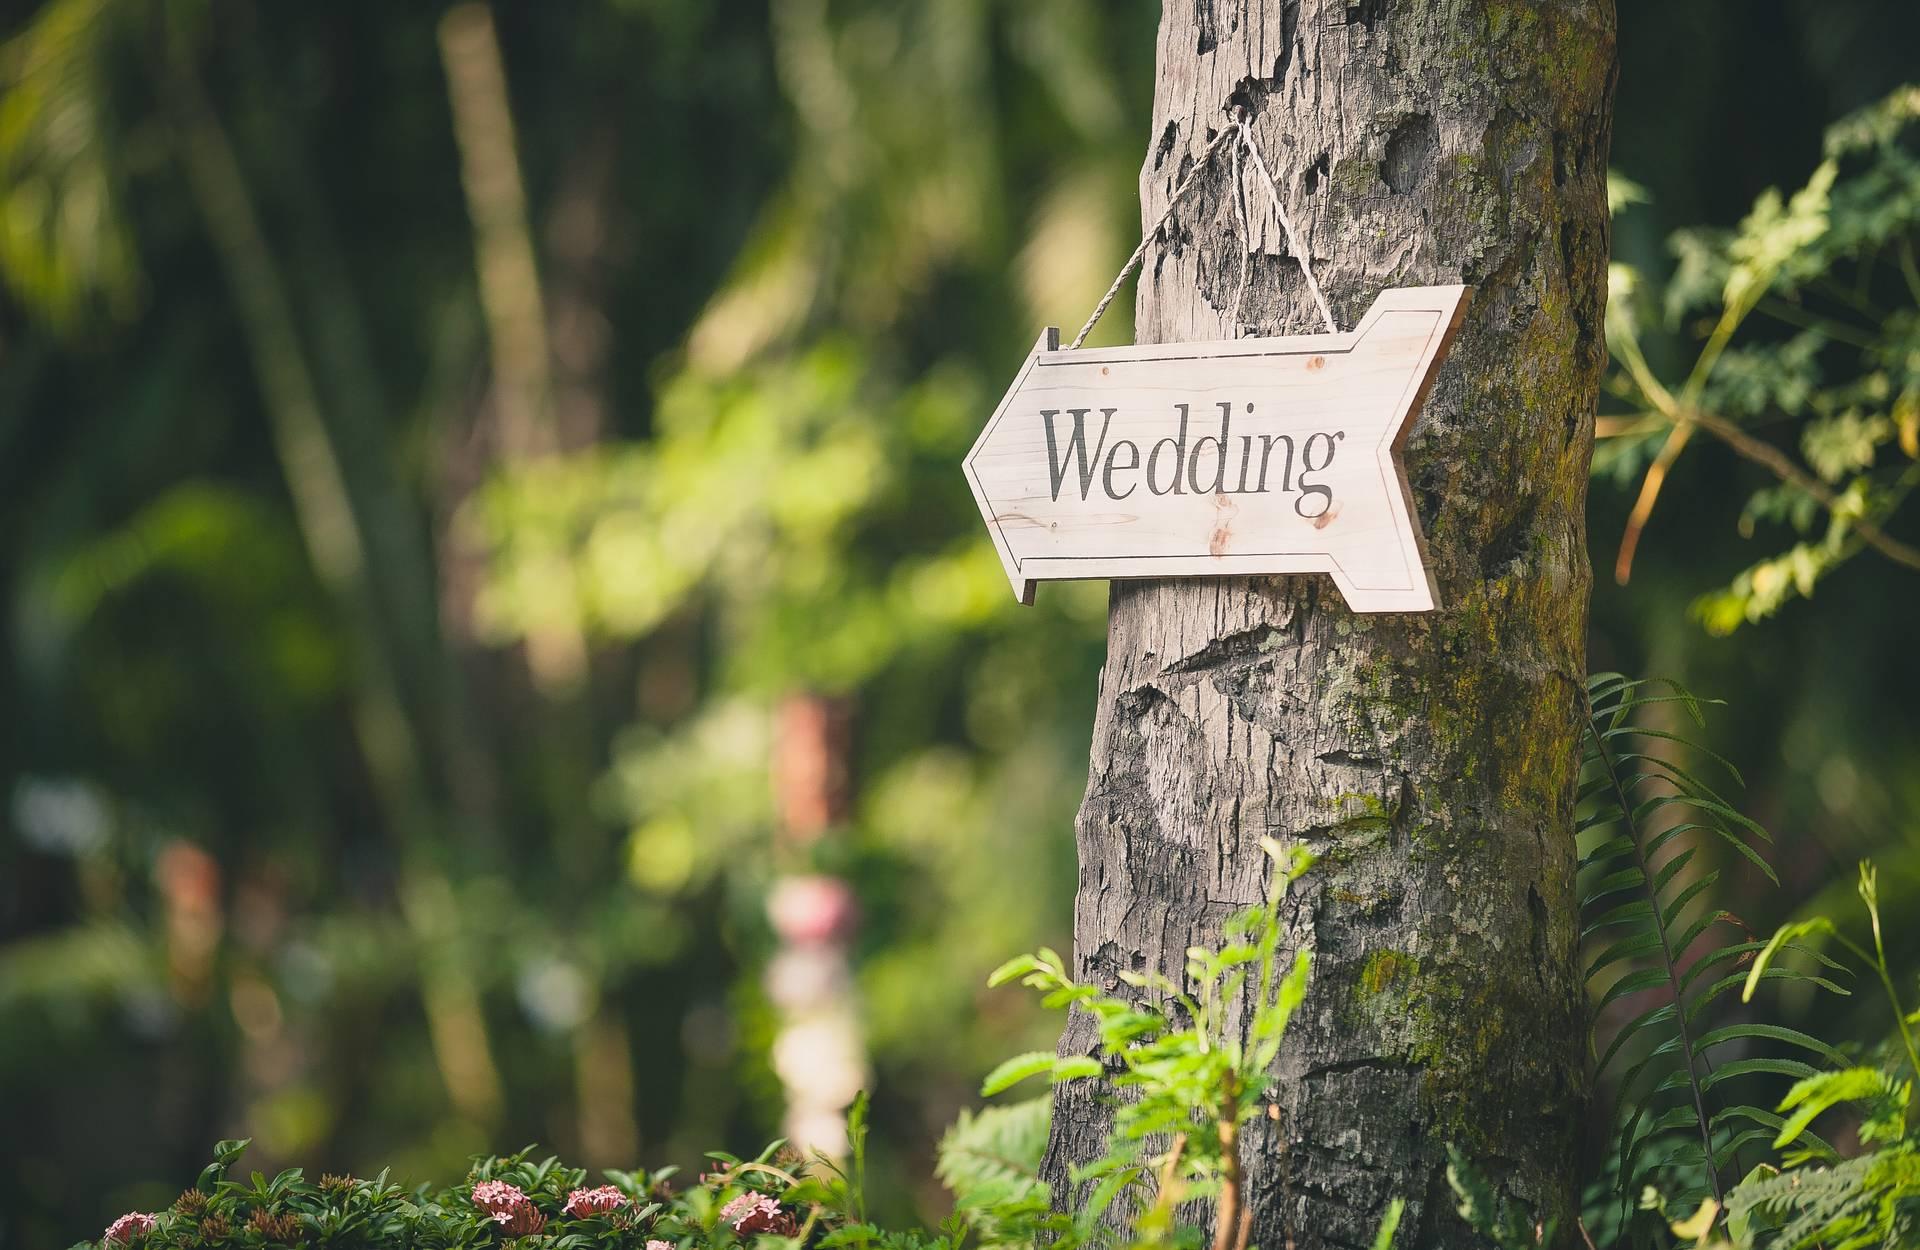 Wedding venues in Derby